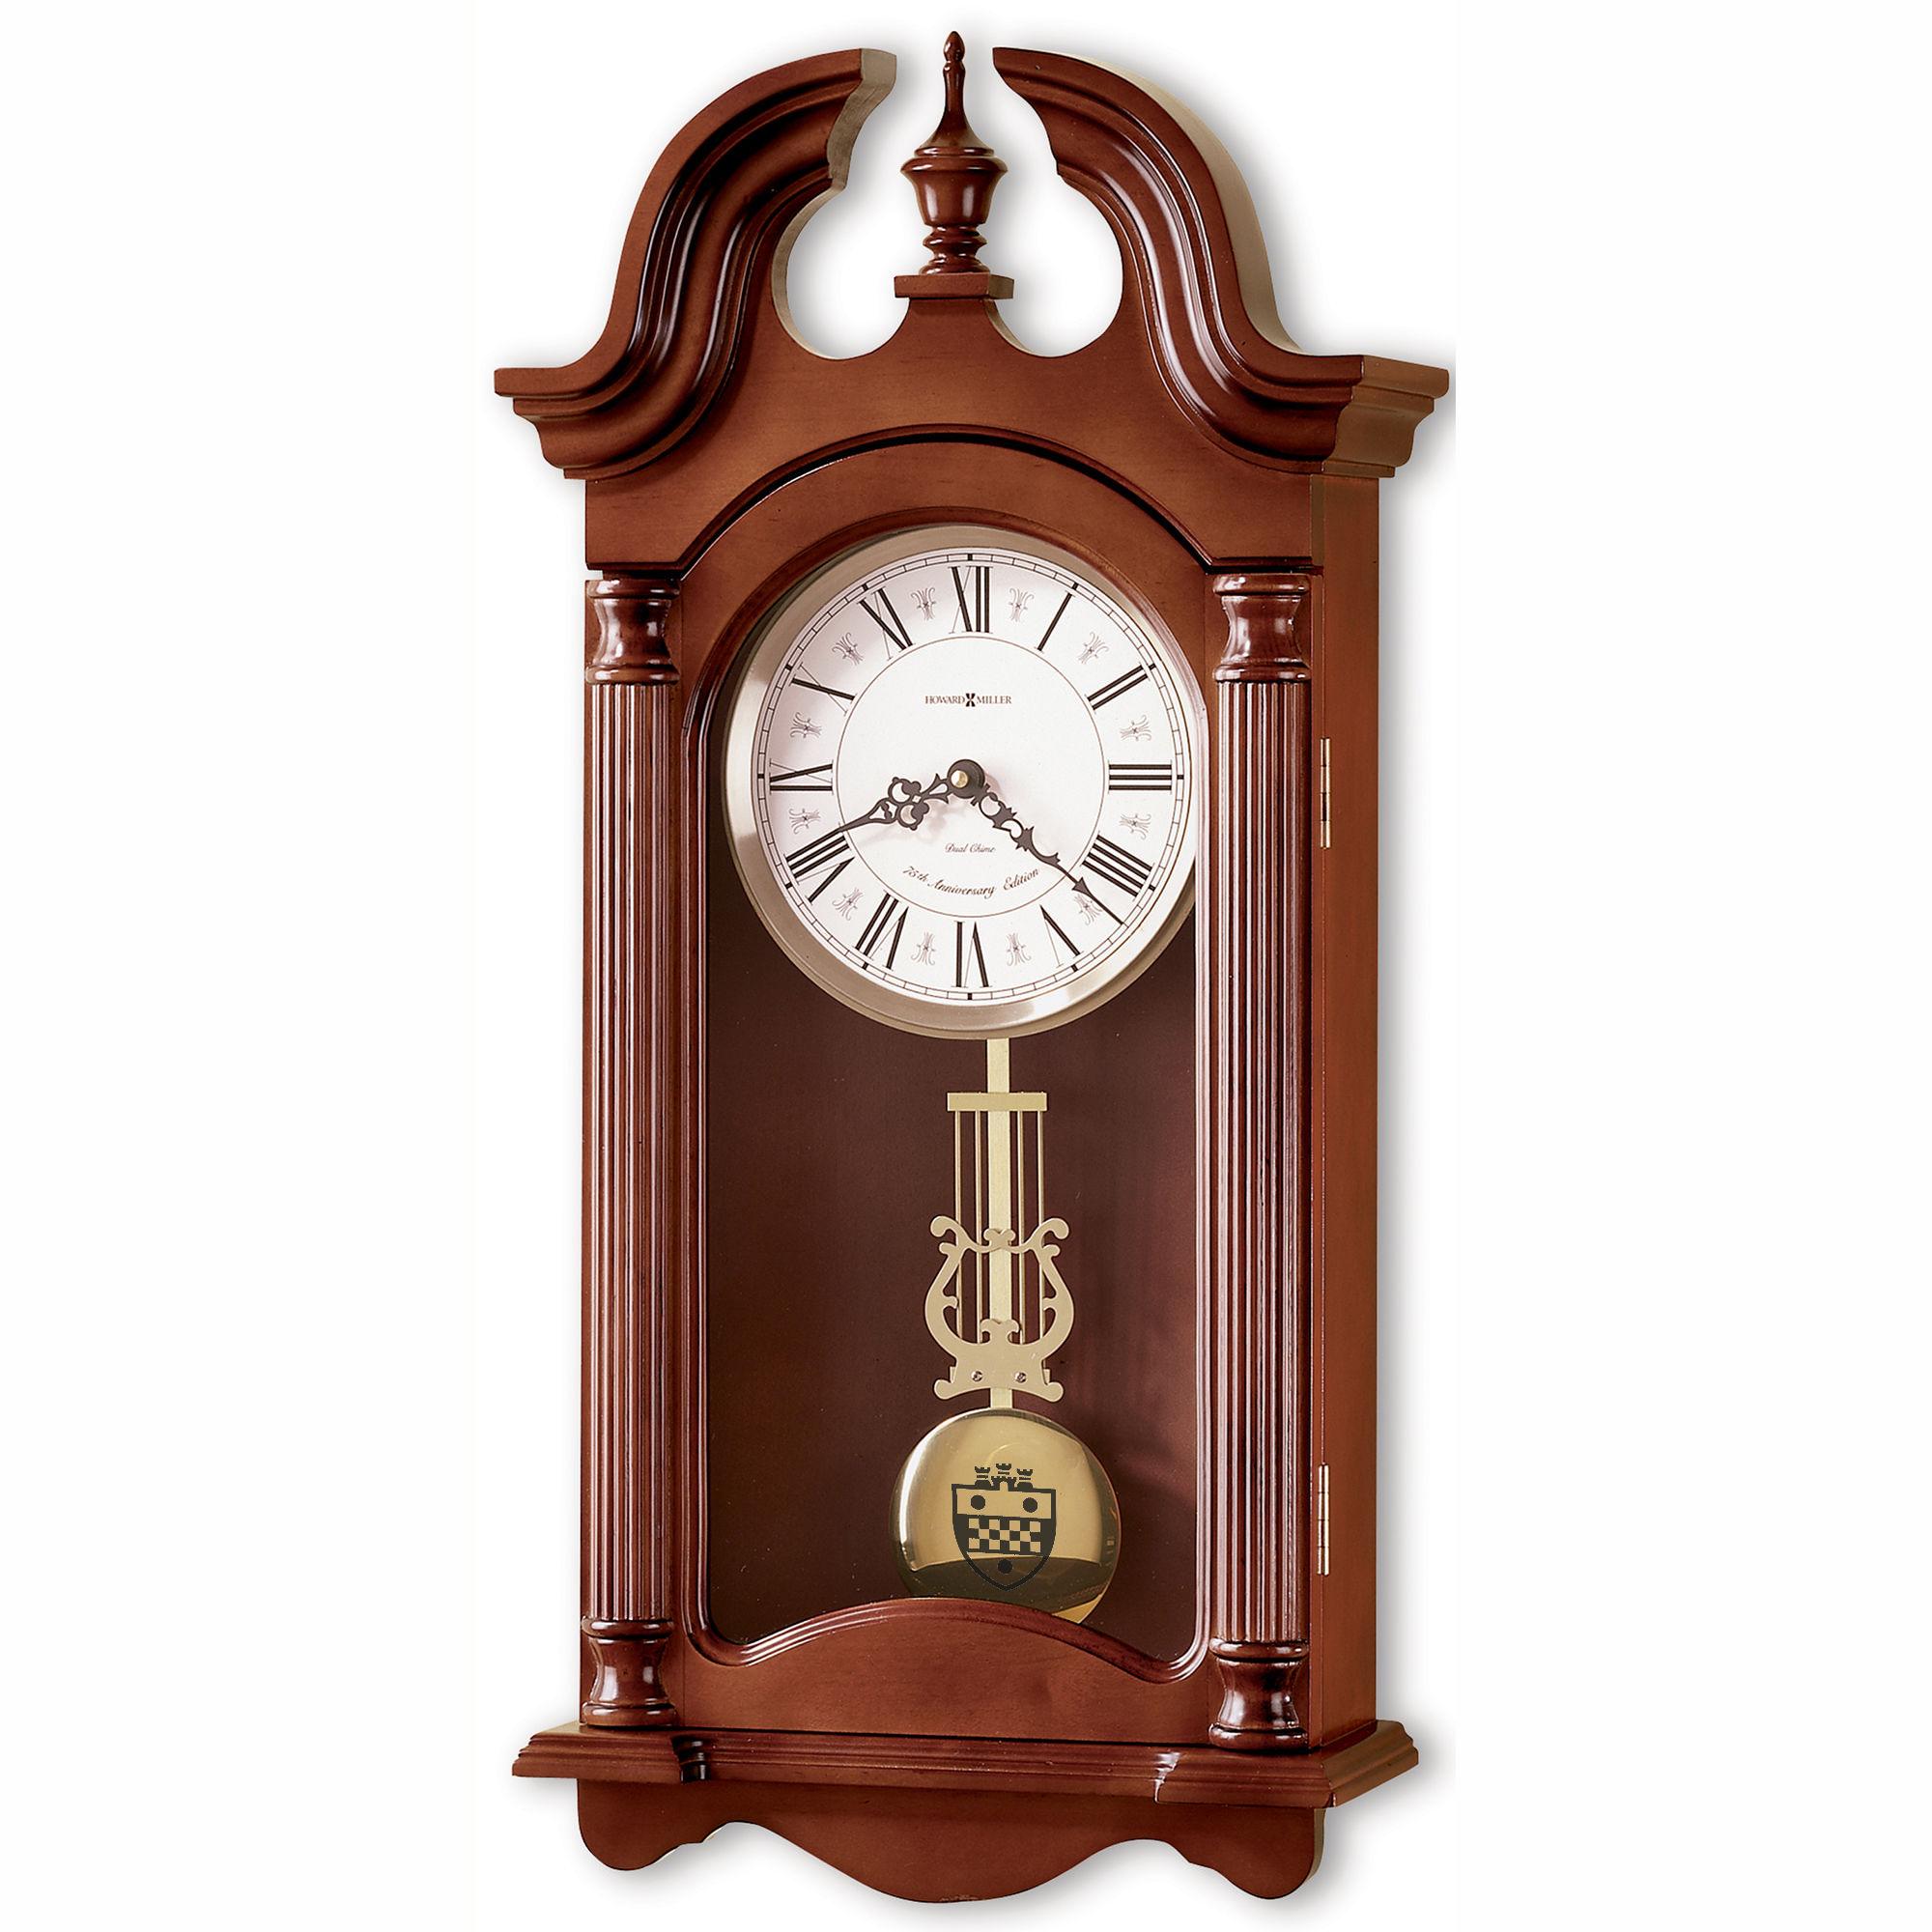 Pitt Howard Miller Wall Clock